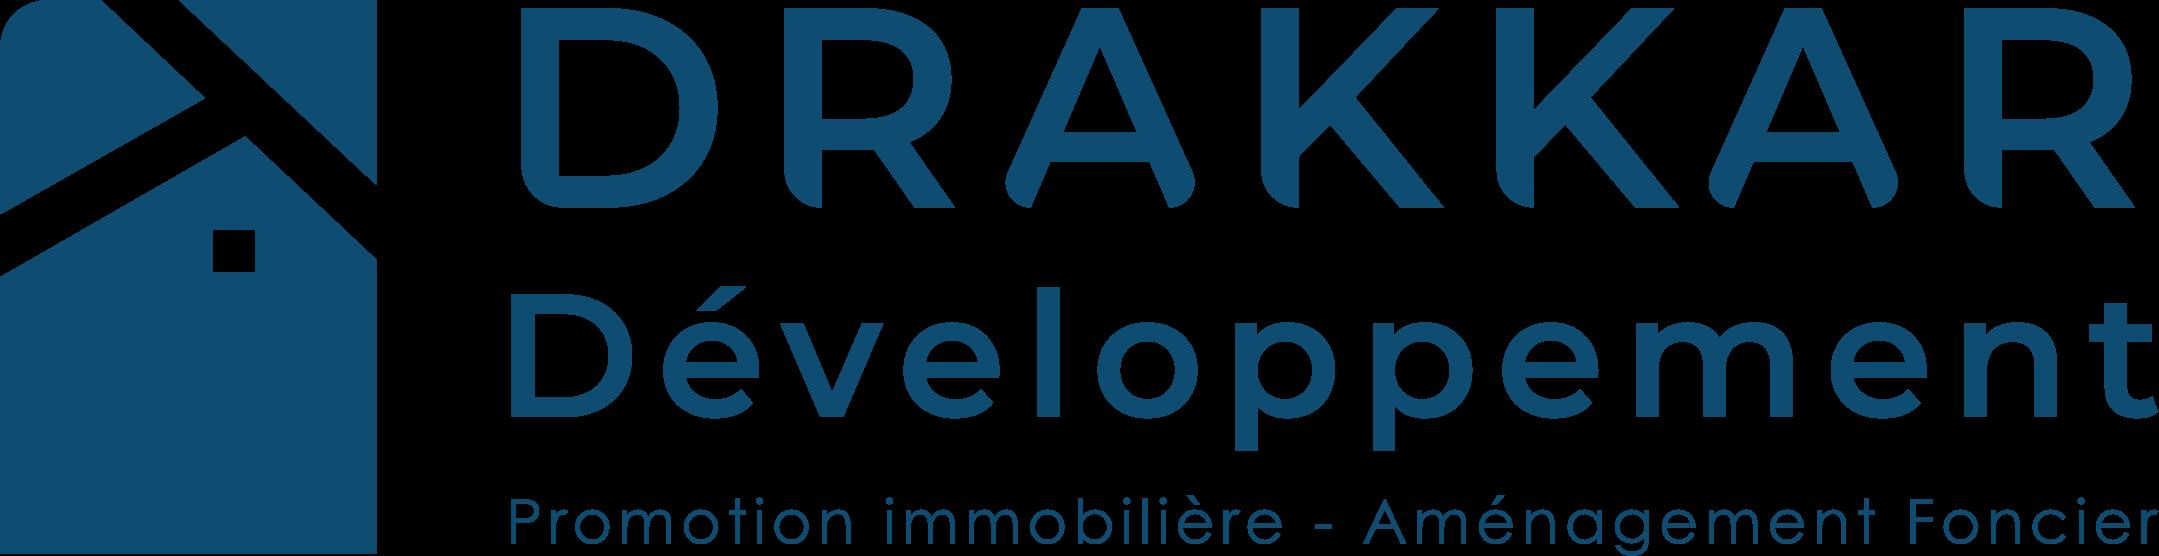 Drakkar Développement